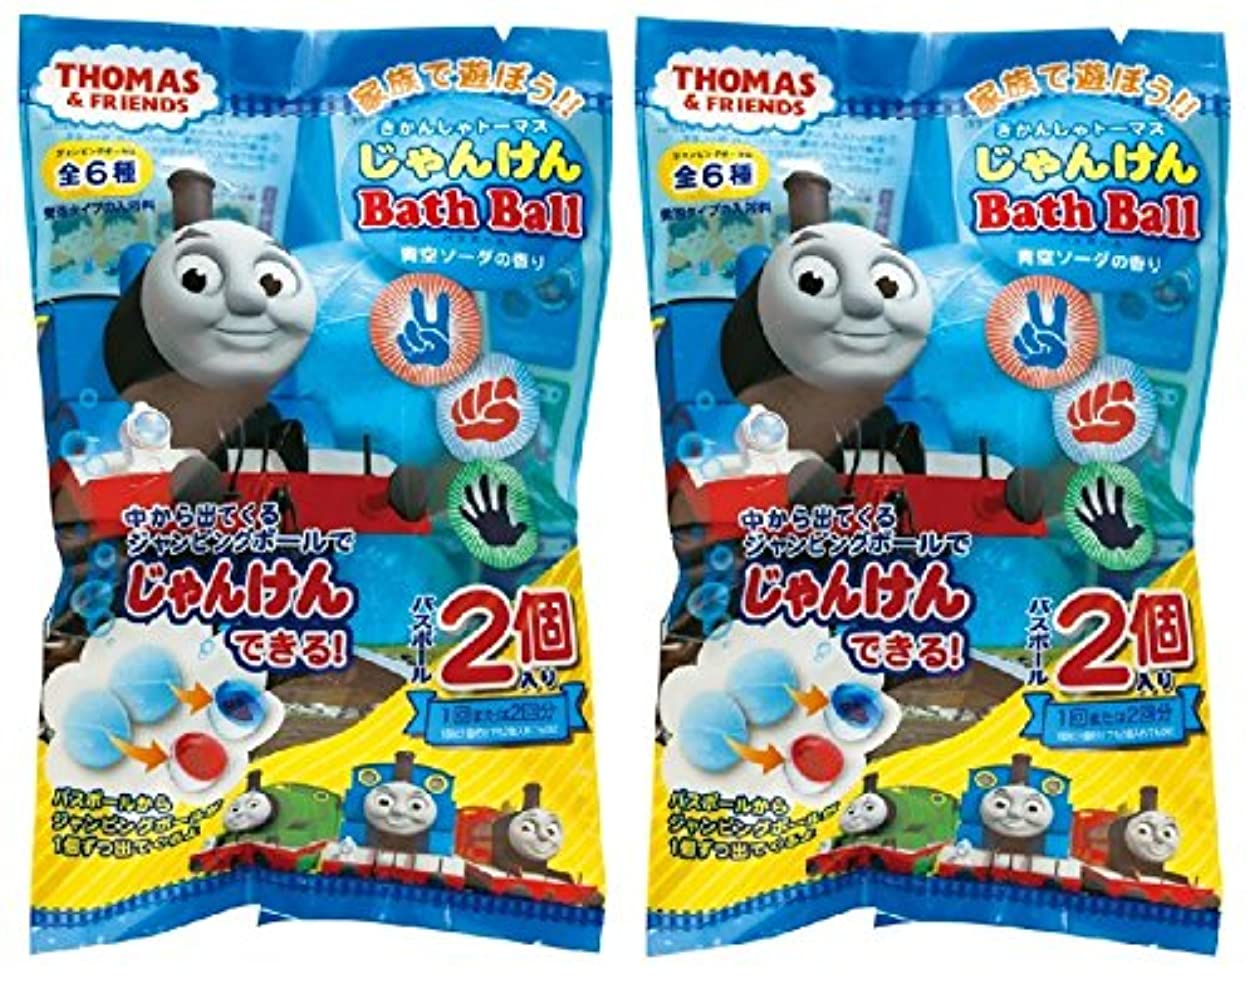 案件不倫リダクター【2袋セット】きかんしゃトーマス 入浴剤 じゃんけんバスボール 2個入り おまけ付き 青色ソーダの香り OB-TOB-4-1